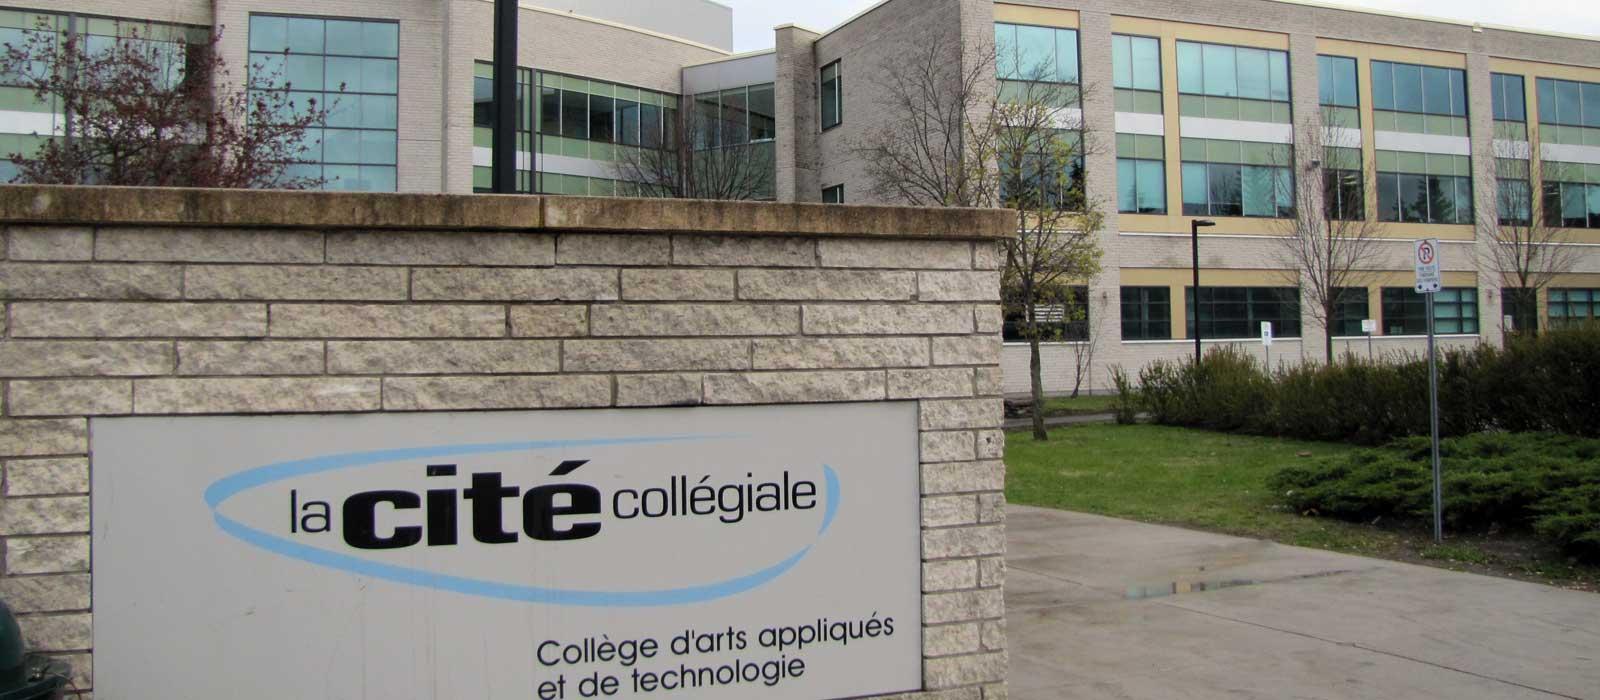 Banner image for Collège La Cité